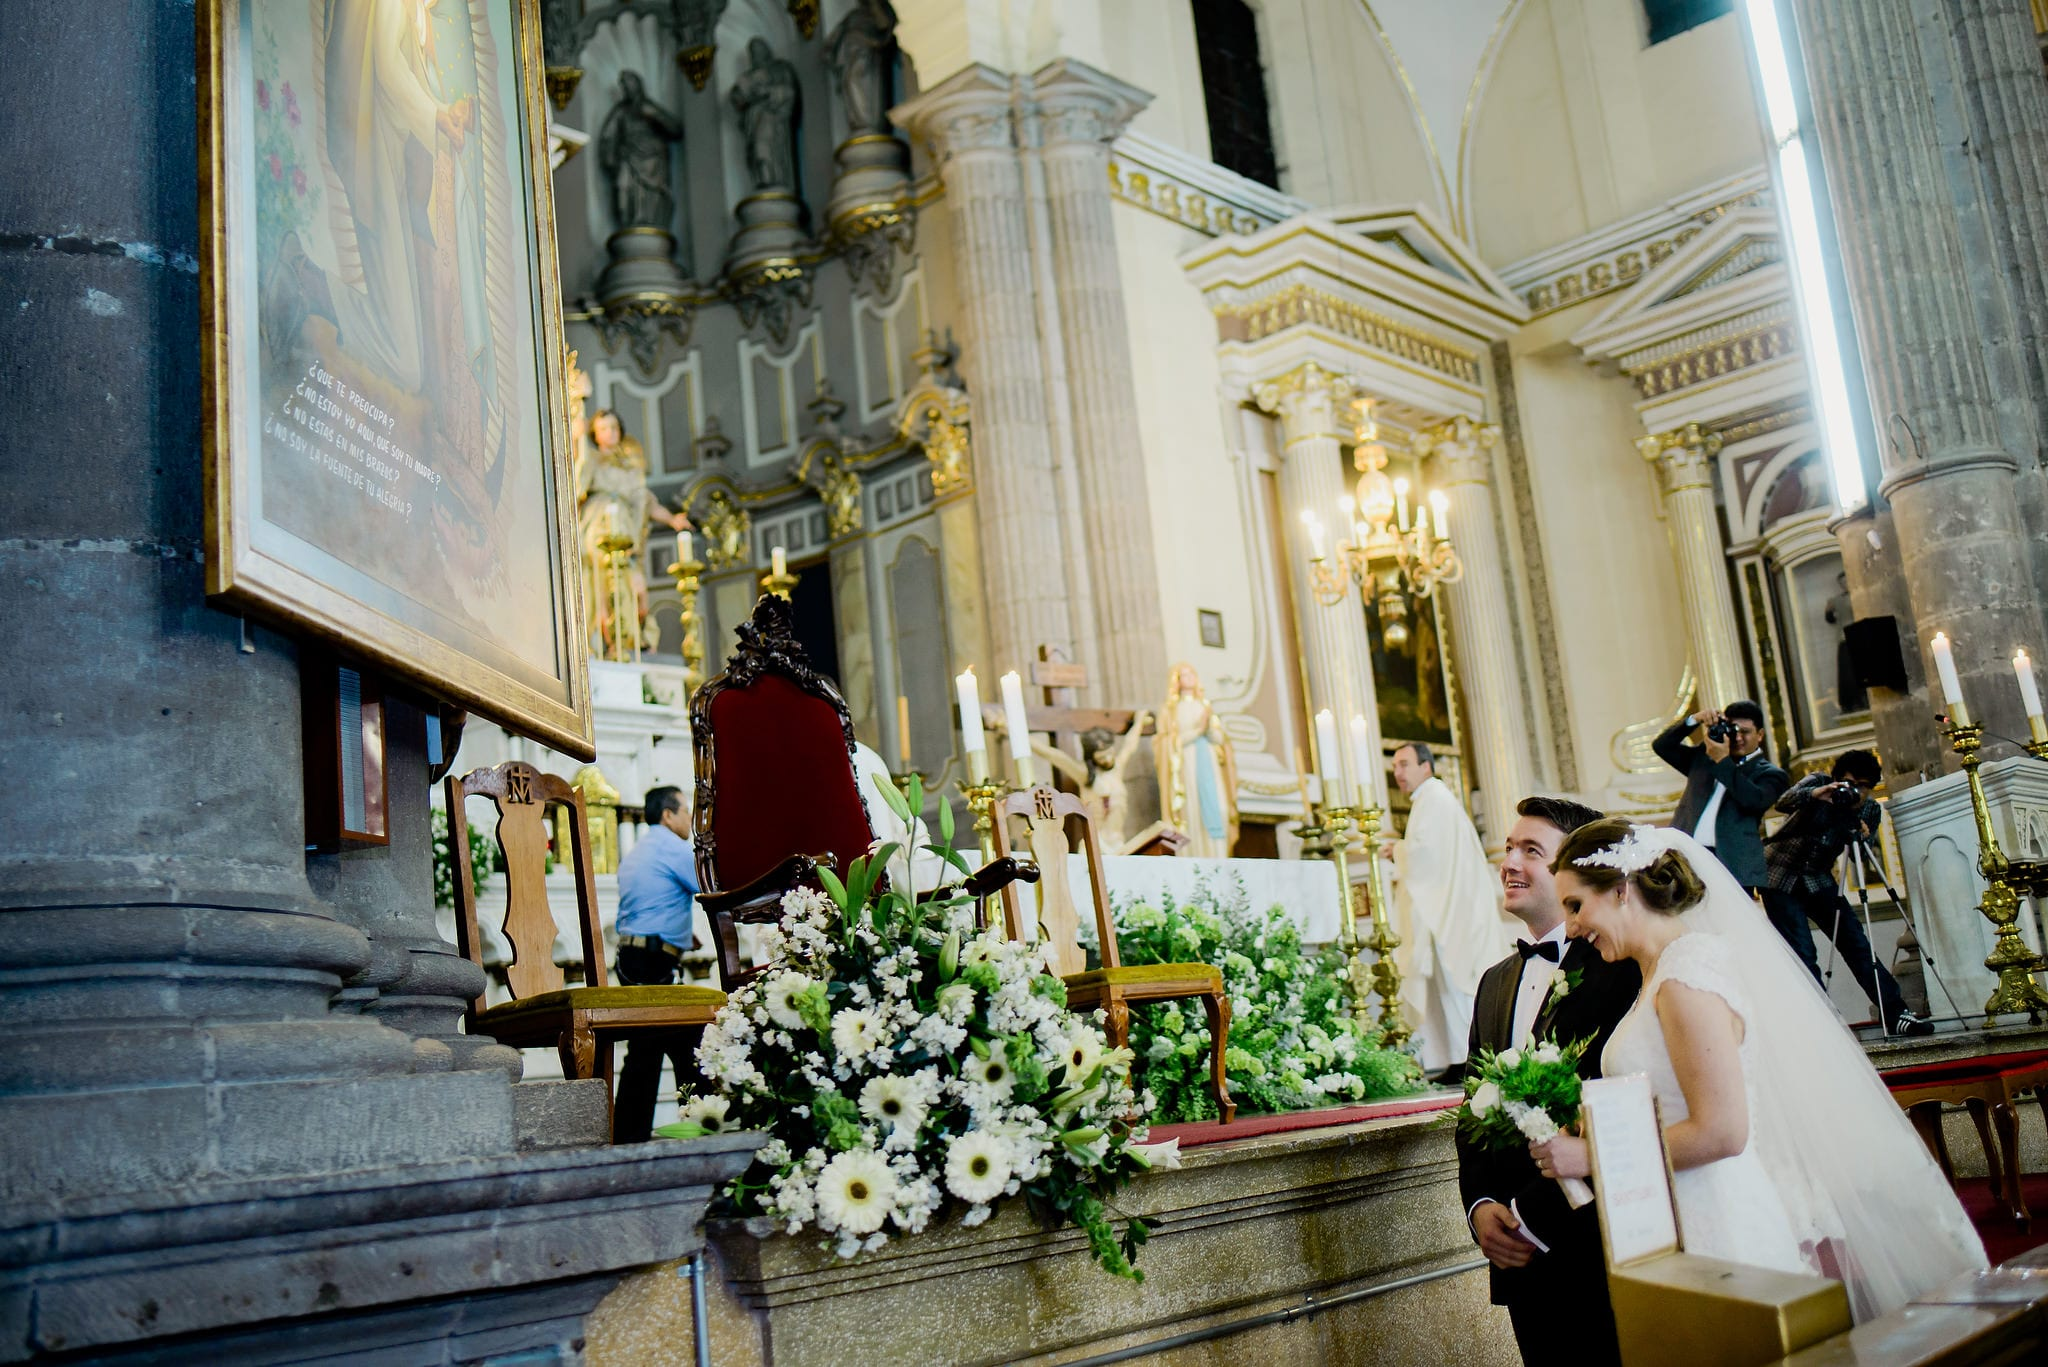 bodas-en-puebla-museo-de-san-pedro-la-compañia-0901